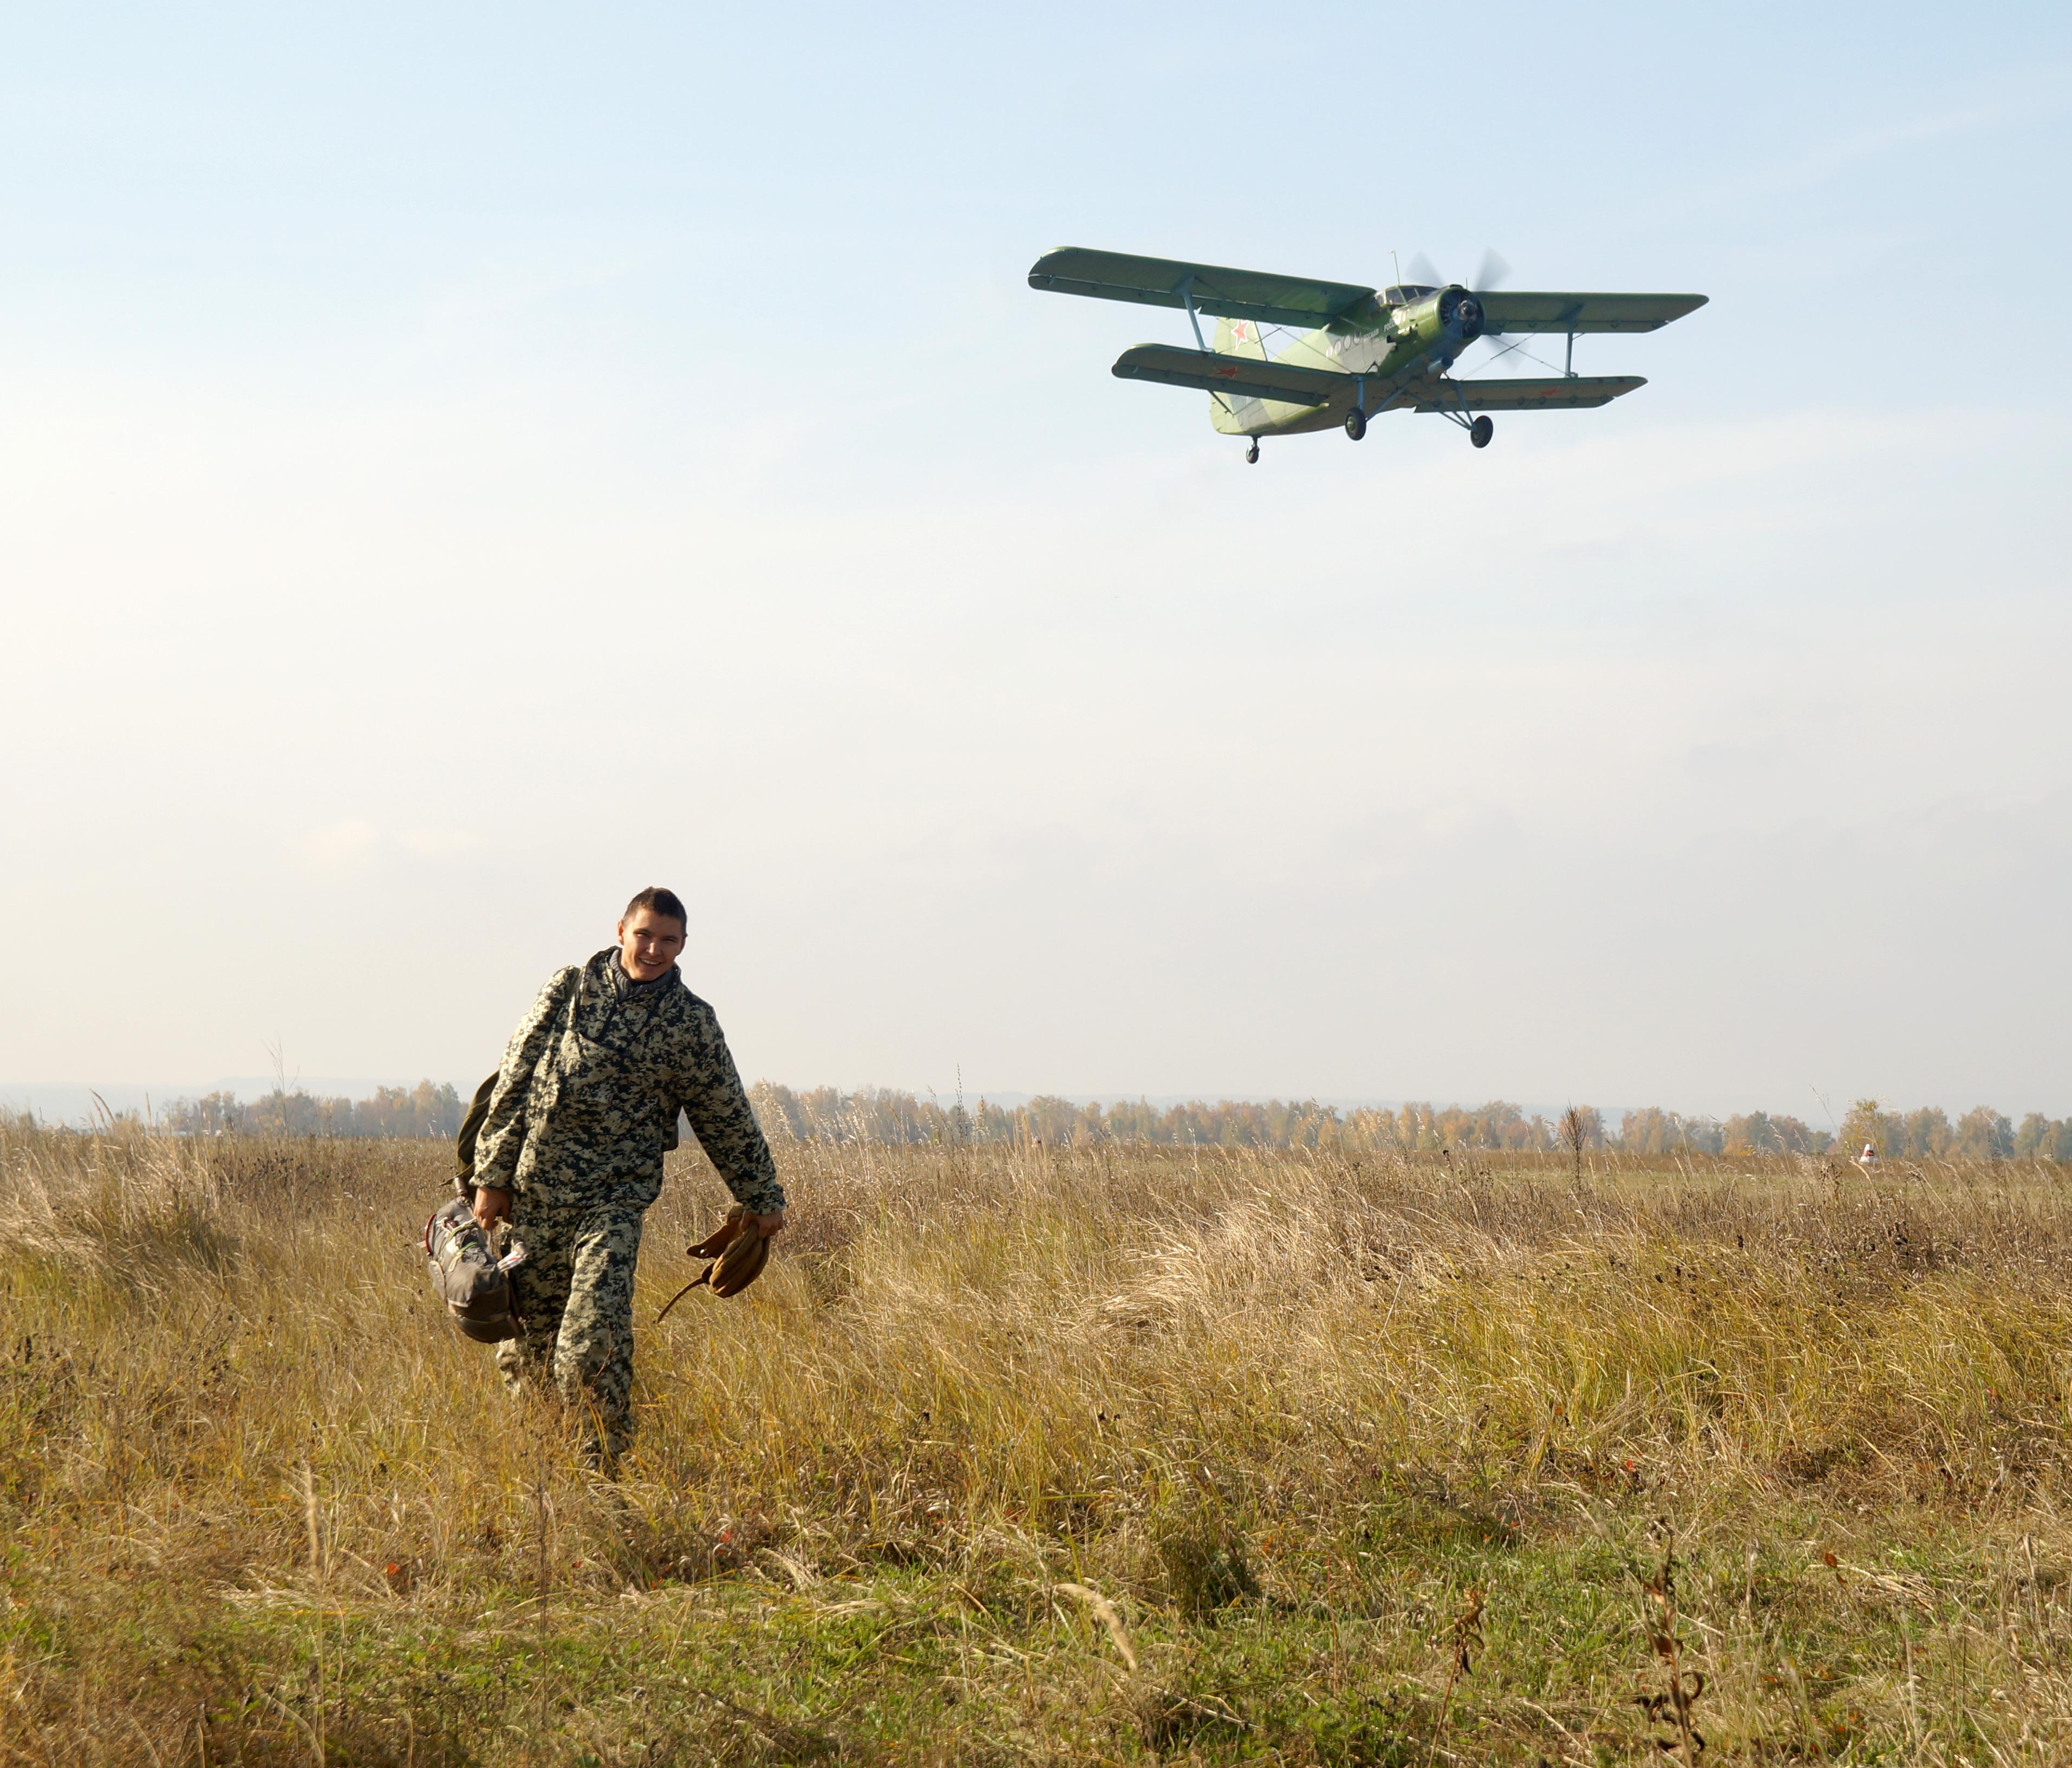 На базе Ульяновского аэроклуба ДОСААФ России осуществлено множество авиационно-спортивных мероприятий. Может пора принять участие?